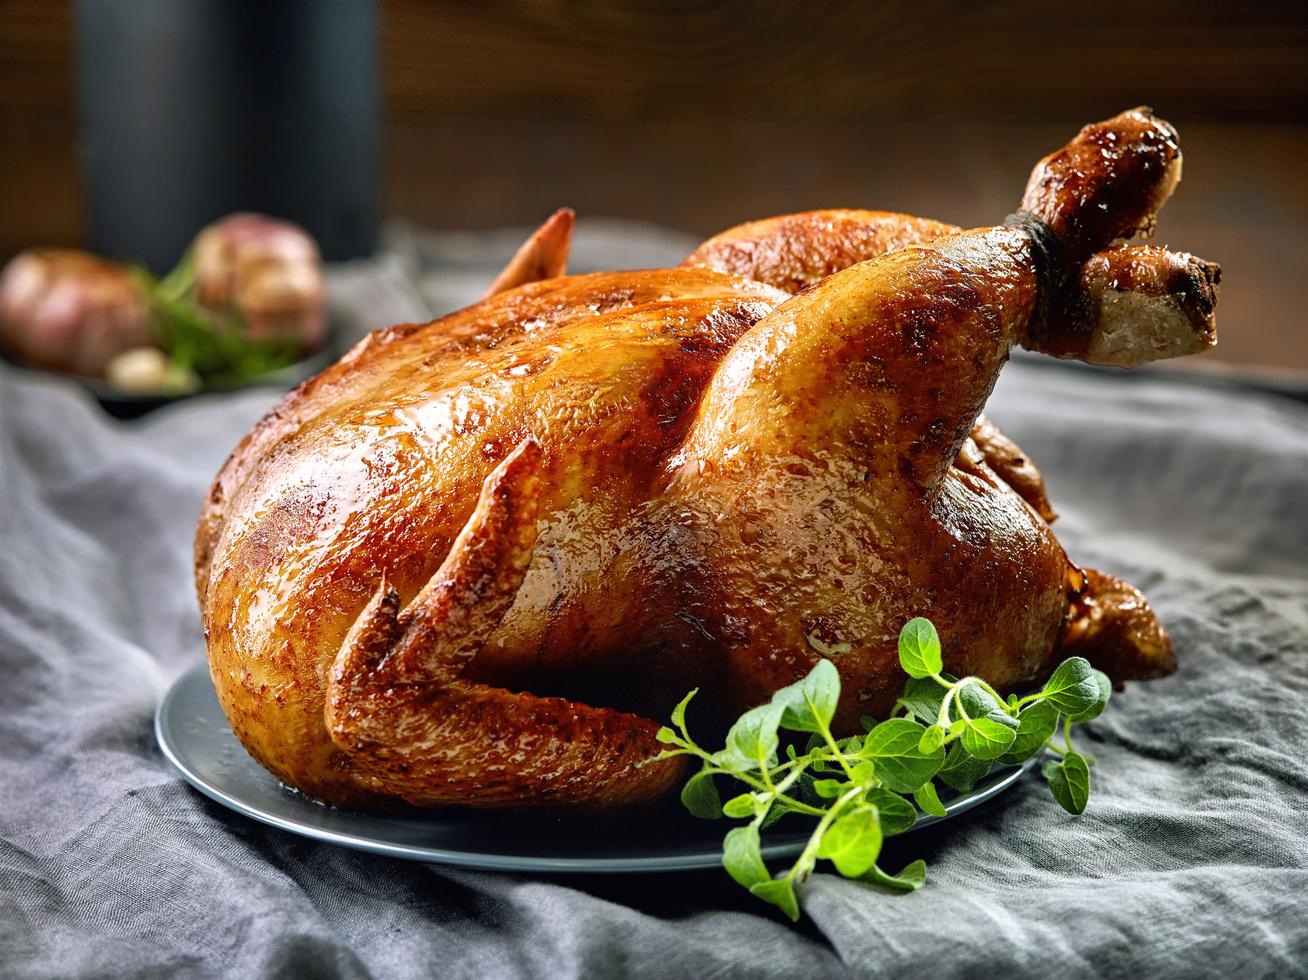 Aranyló sült csirke sörrel locsolva - Ettől lesz tökéletesen ropogós a bőre